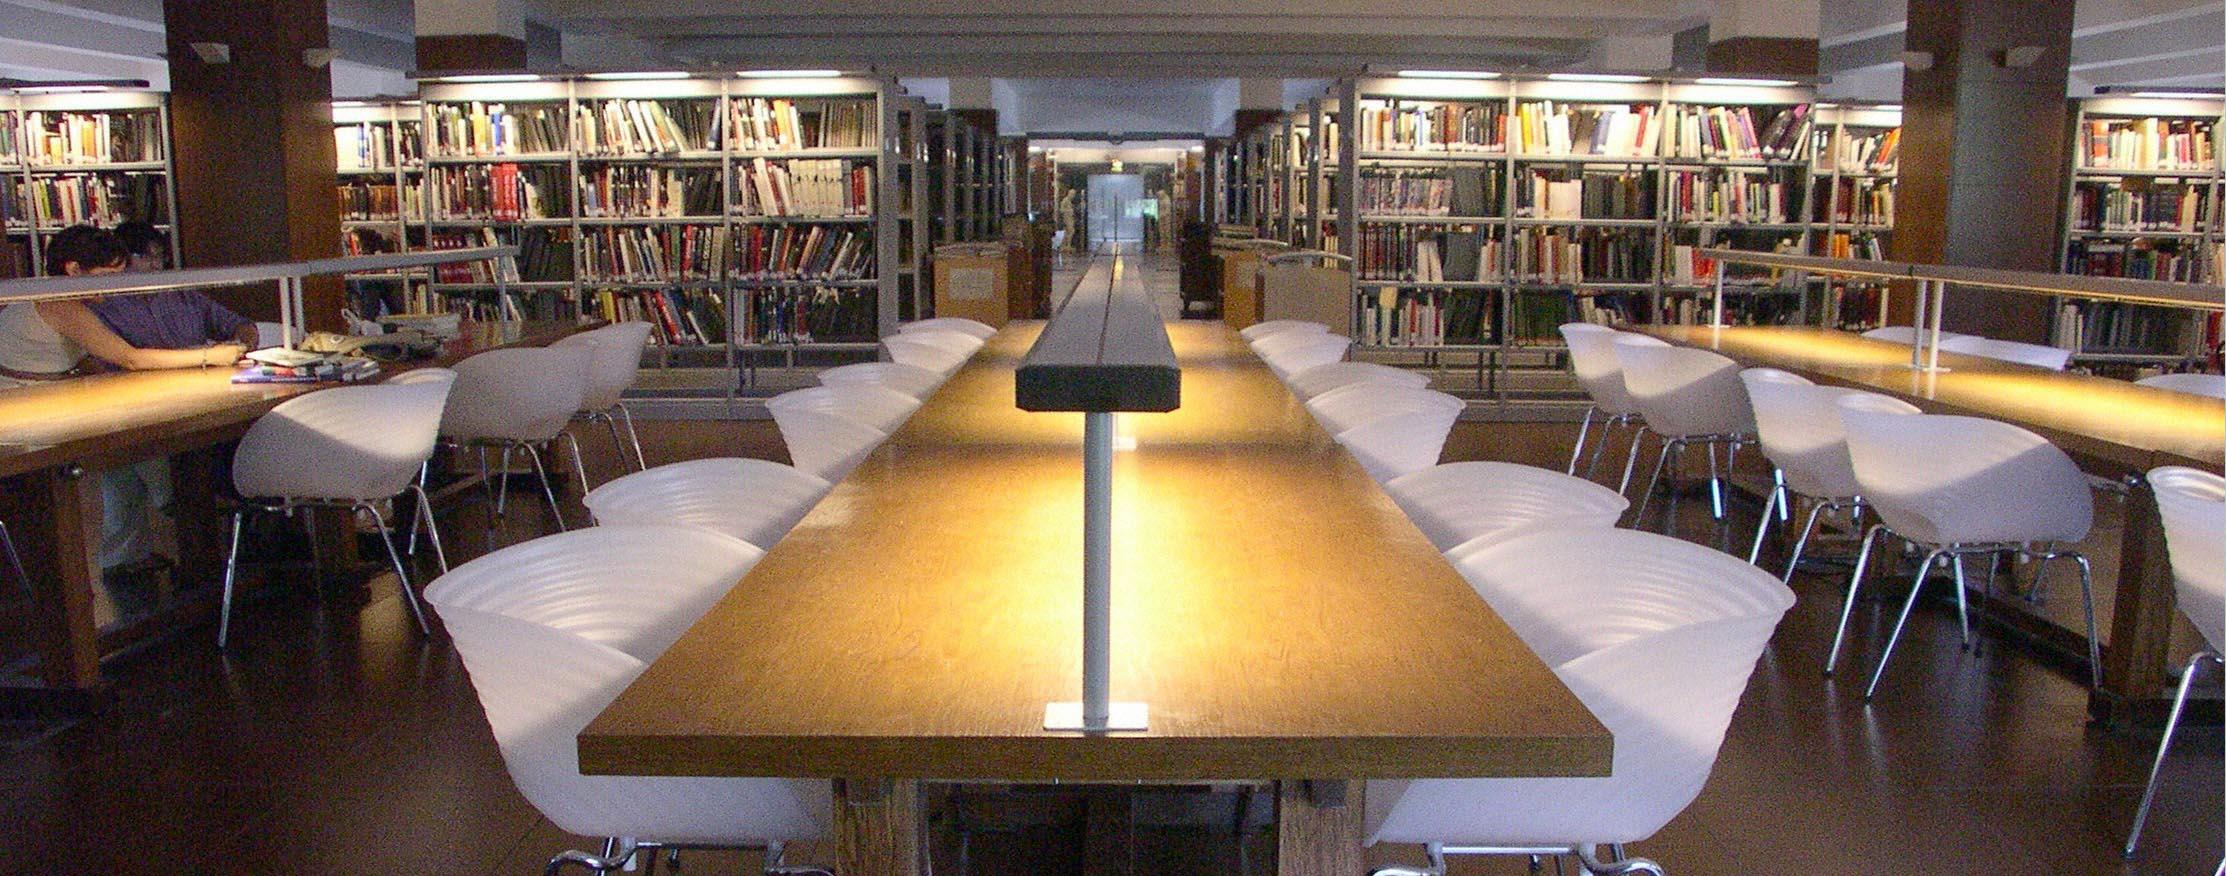 BibliotecaETSAM